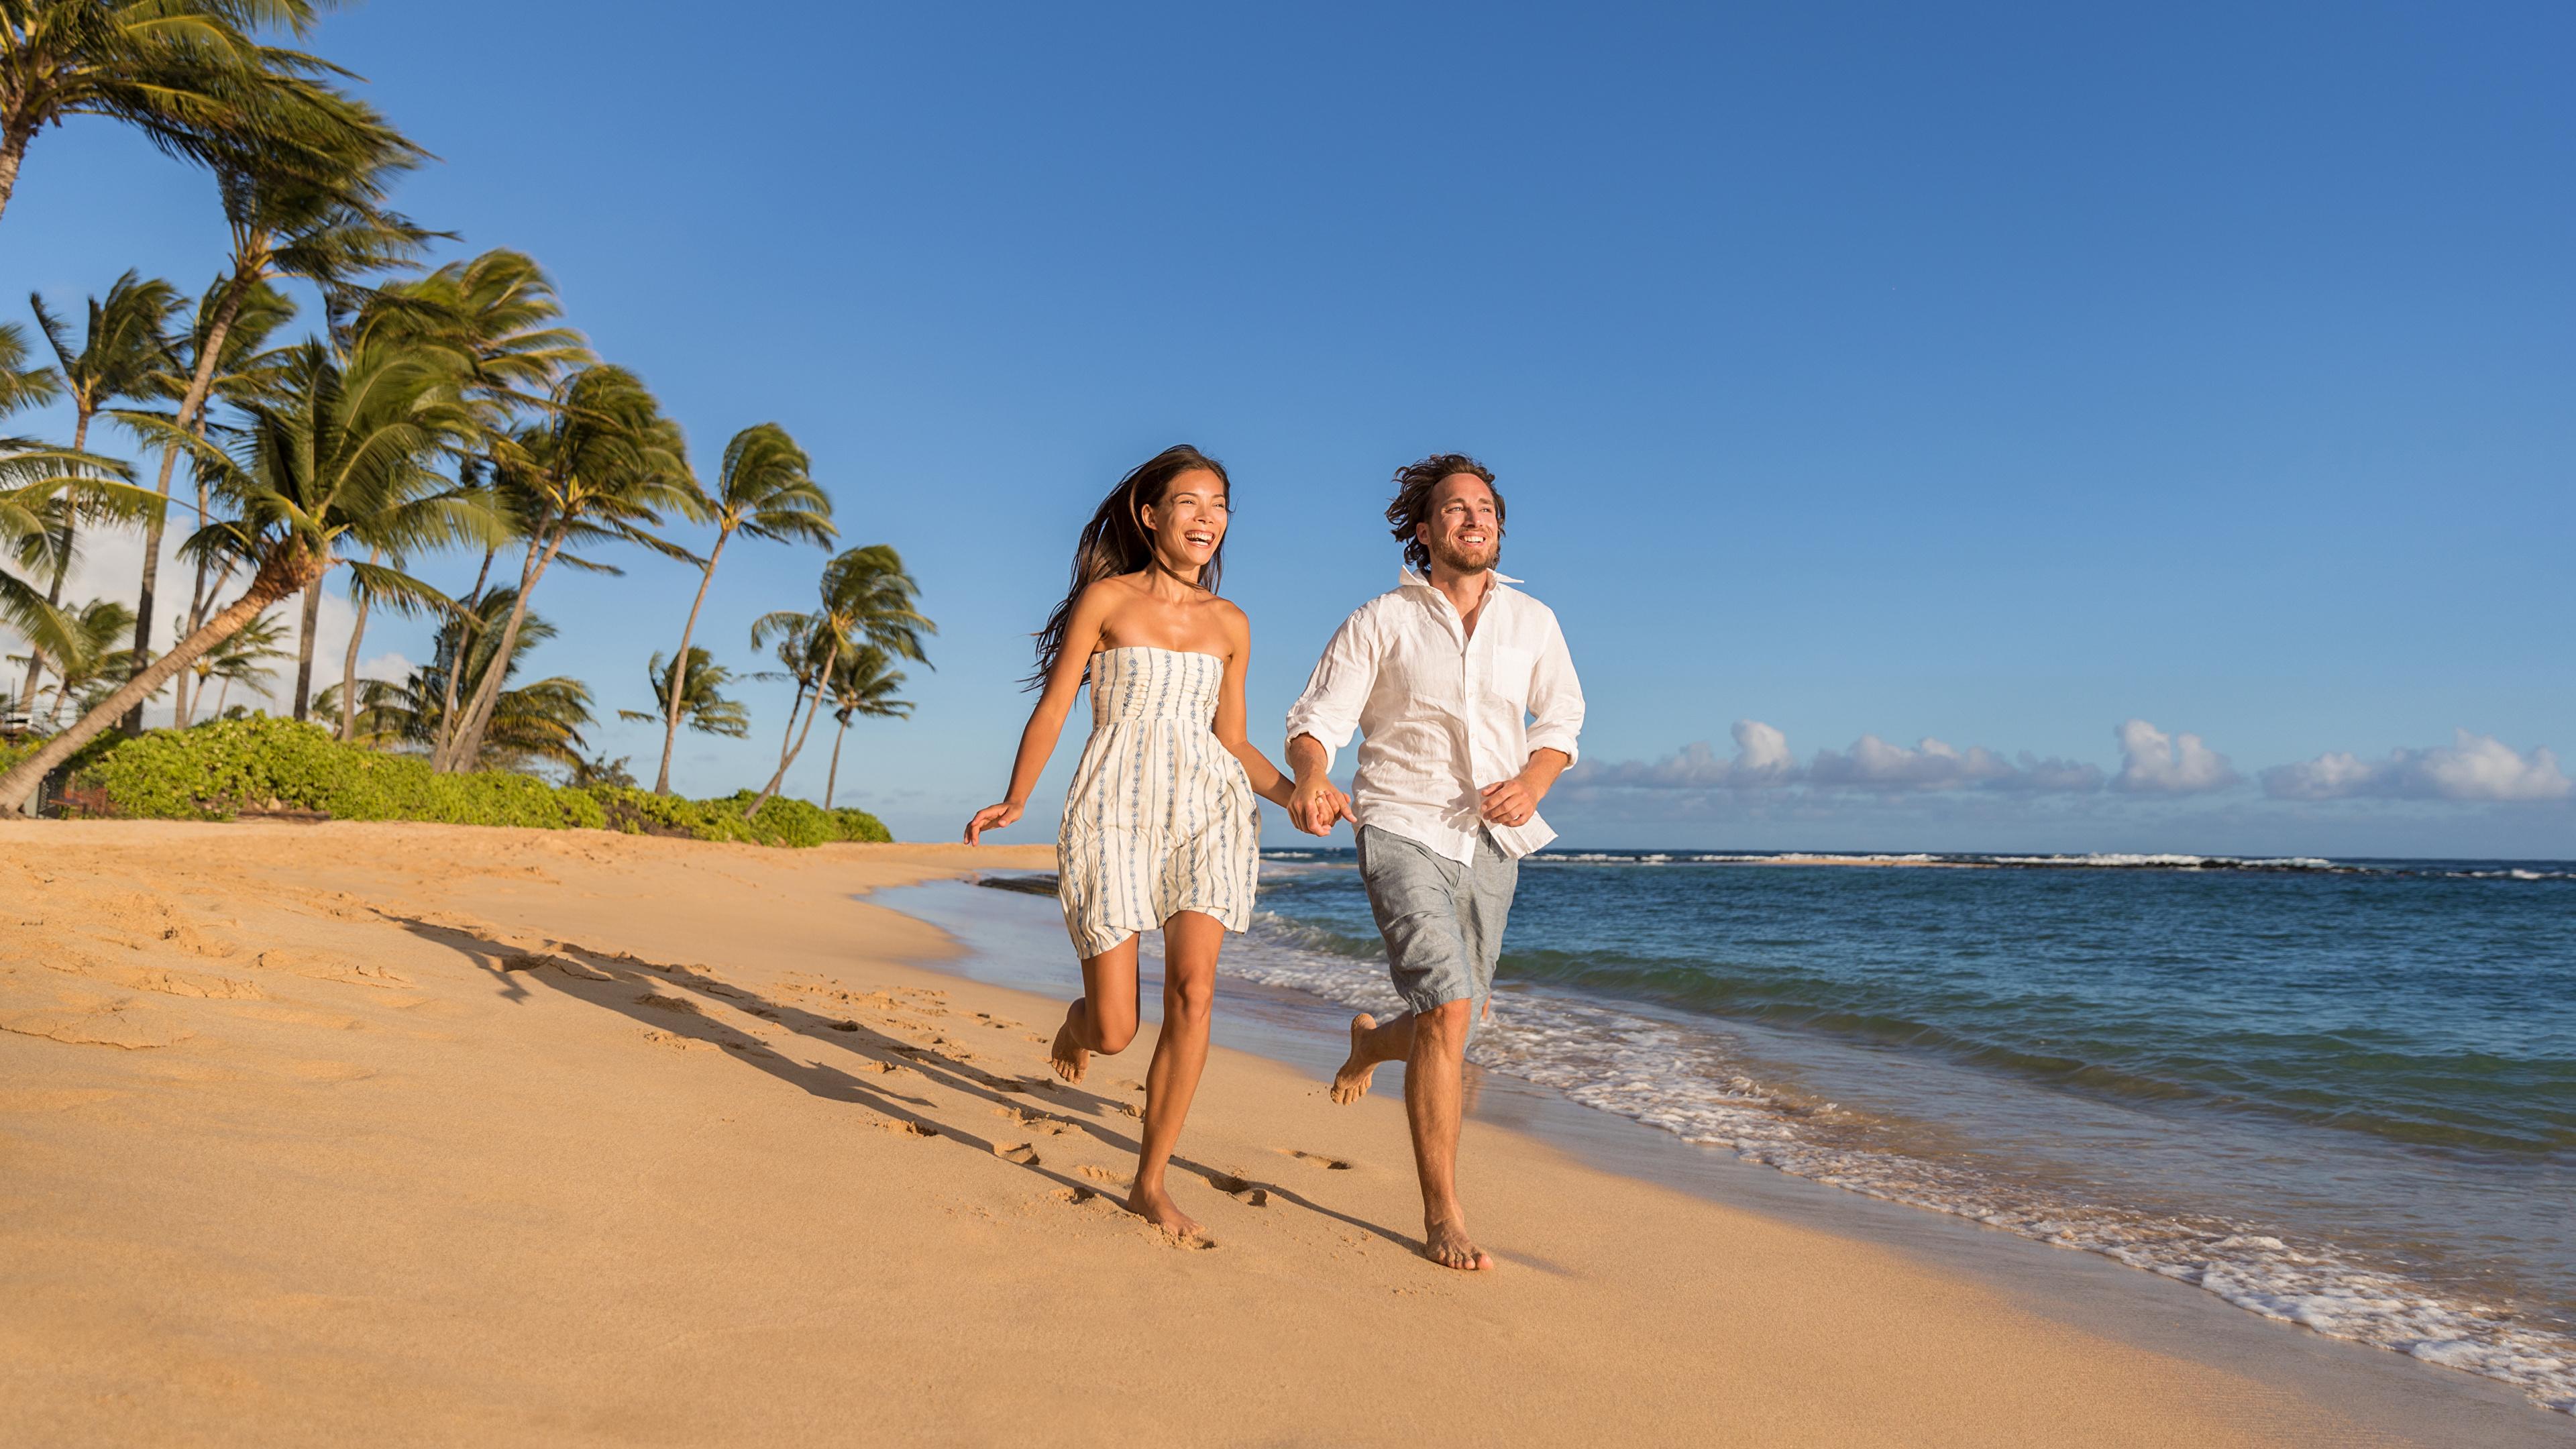 Bilder von Braunhaarige Mann Laufen Freude Zwei Liebe Mädchens Küste Kleid 3840x2160 Braune Haare Lauf Laufsport Glücklich 2